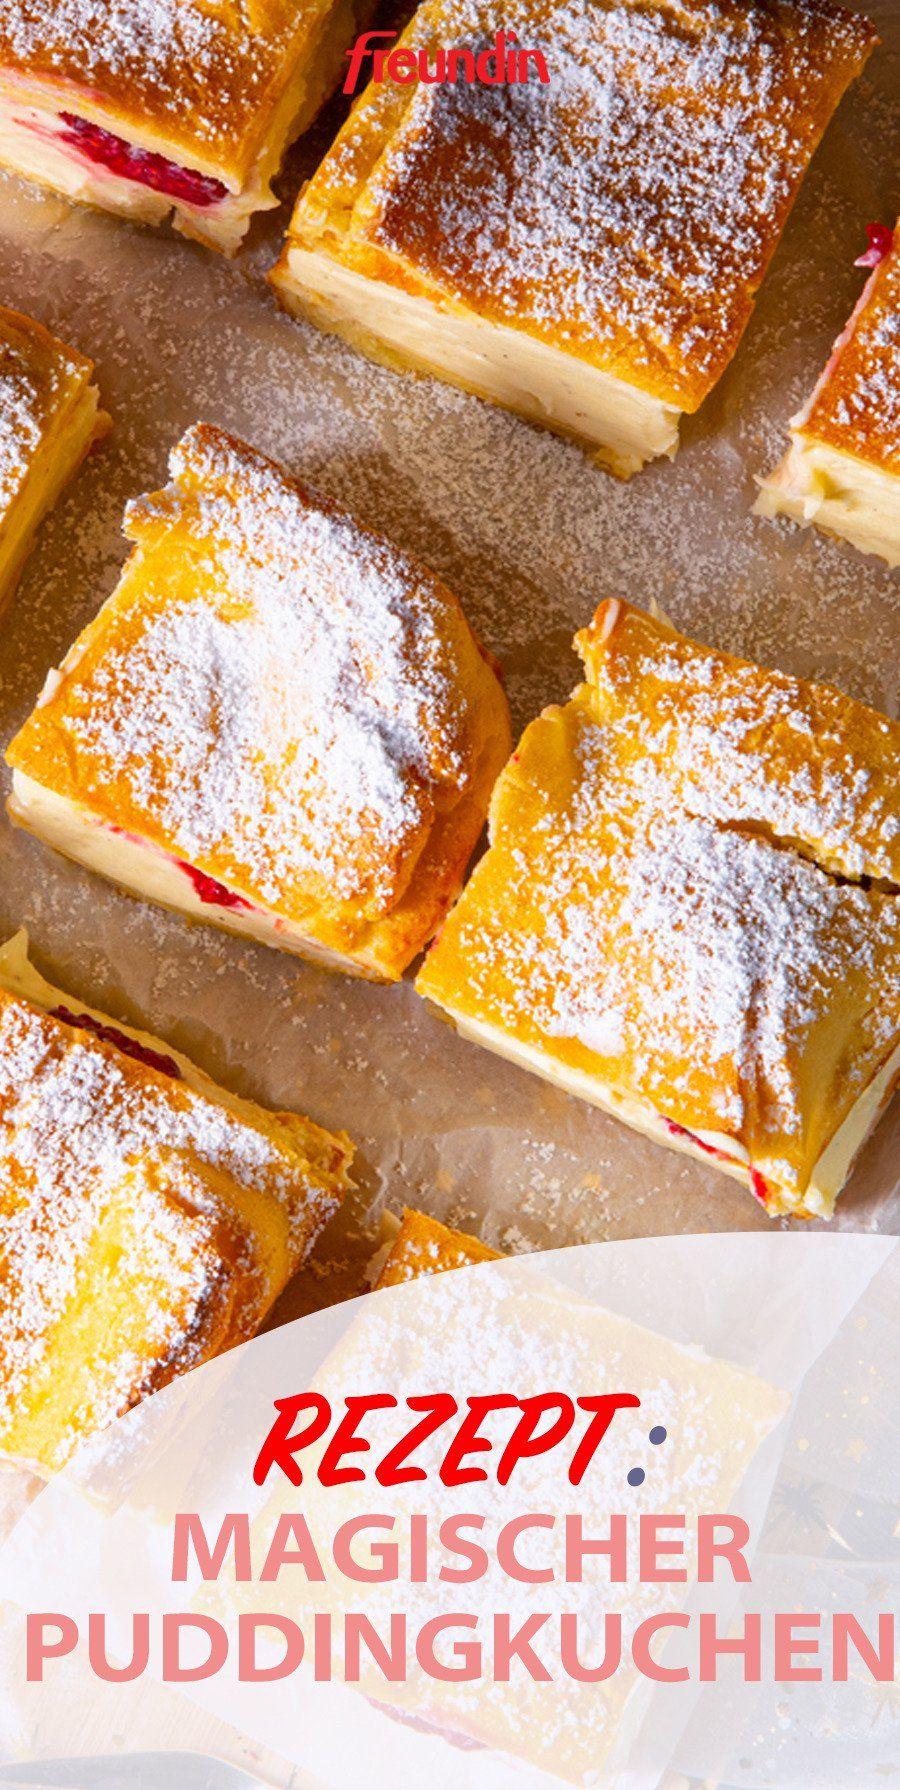 Süßes Rezept: Magischer Puddingkuchen   freundin.de